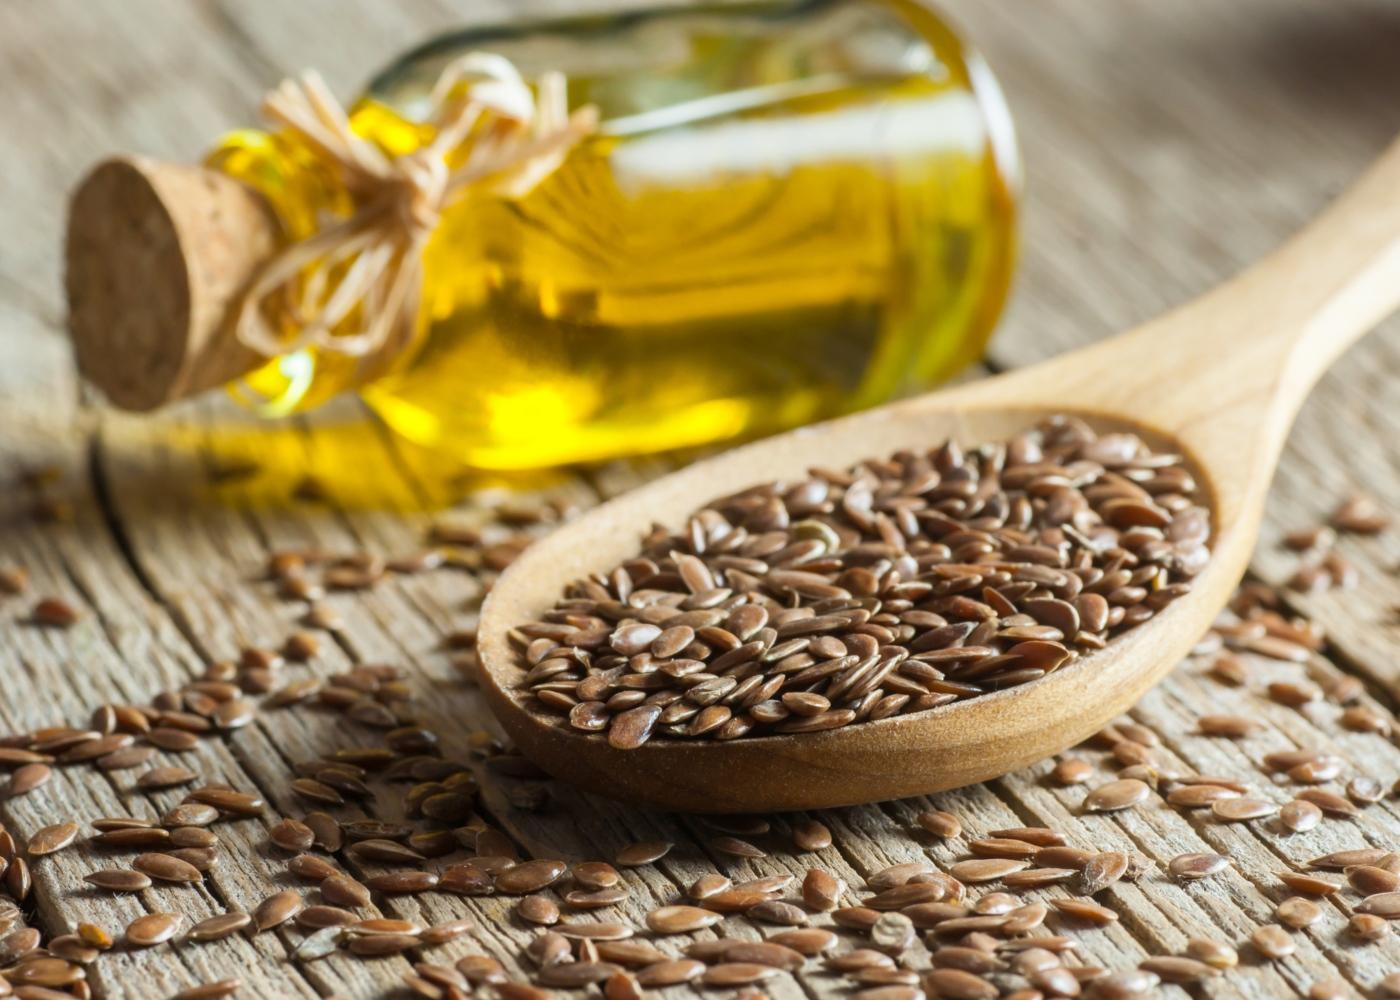 Alimentos para comer de manhã: sementes de linhaça